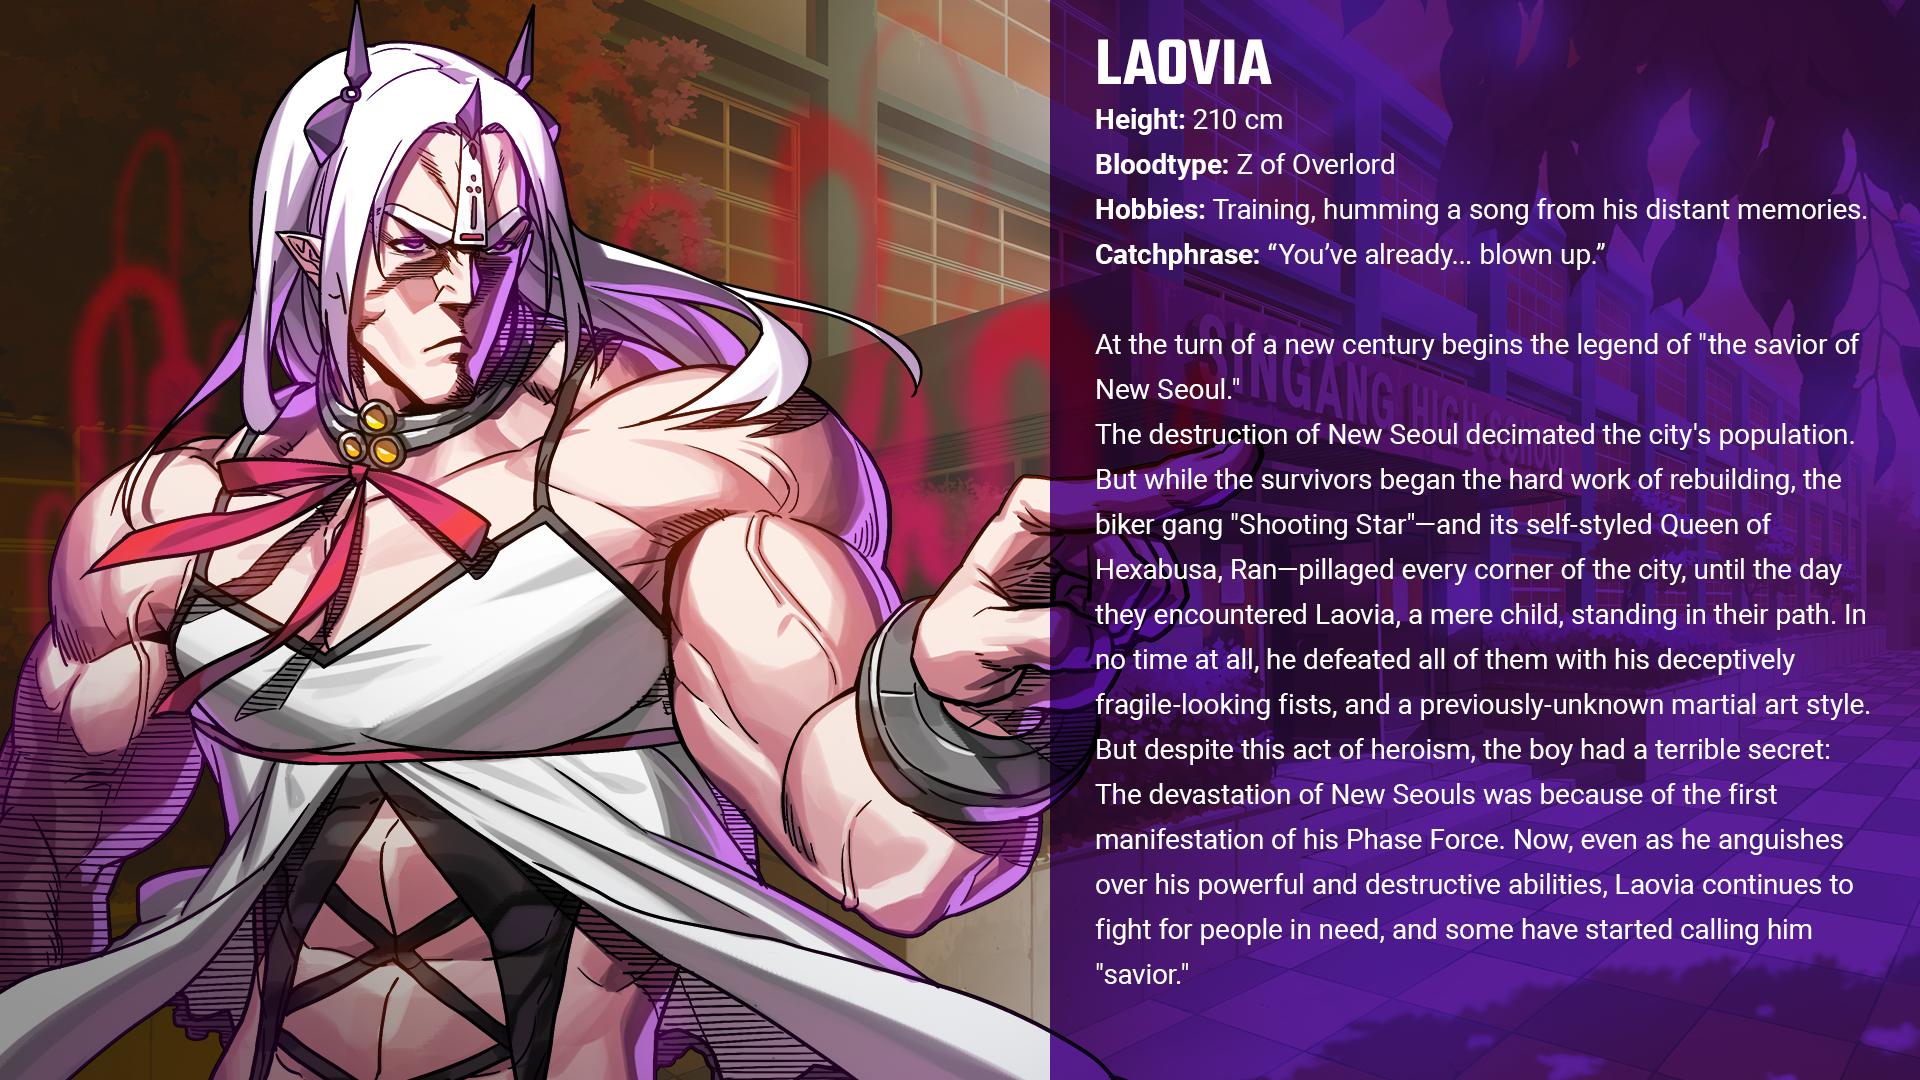 Laovia